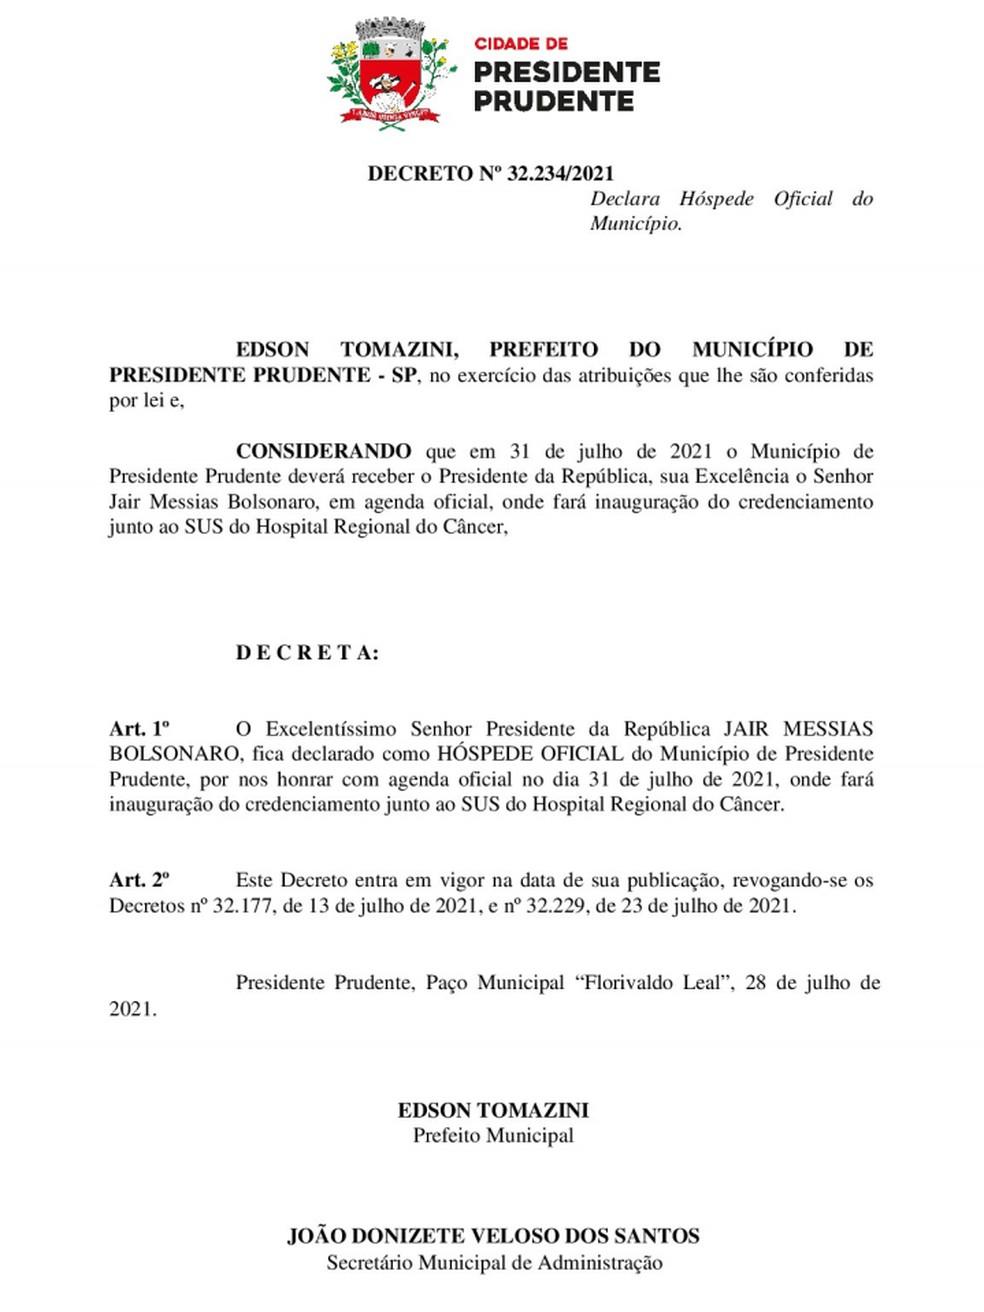 Decreto nº 32.234/2021, de 28 de julho de 2021, não faz mais referência a evento com o presidente Jair Bolsonaro no Recinto de Exposições de Presidente Prudente — Foto: Reprodução